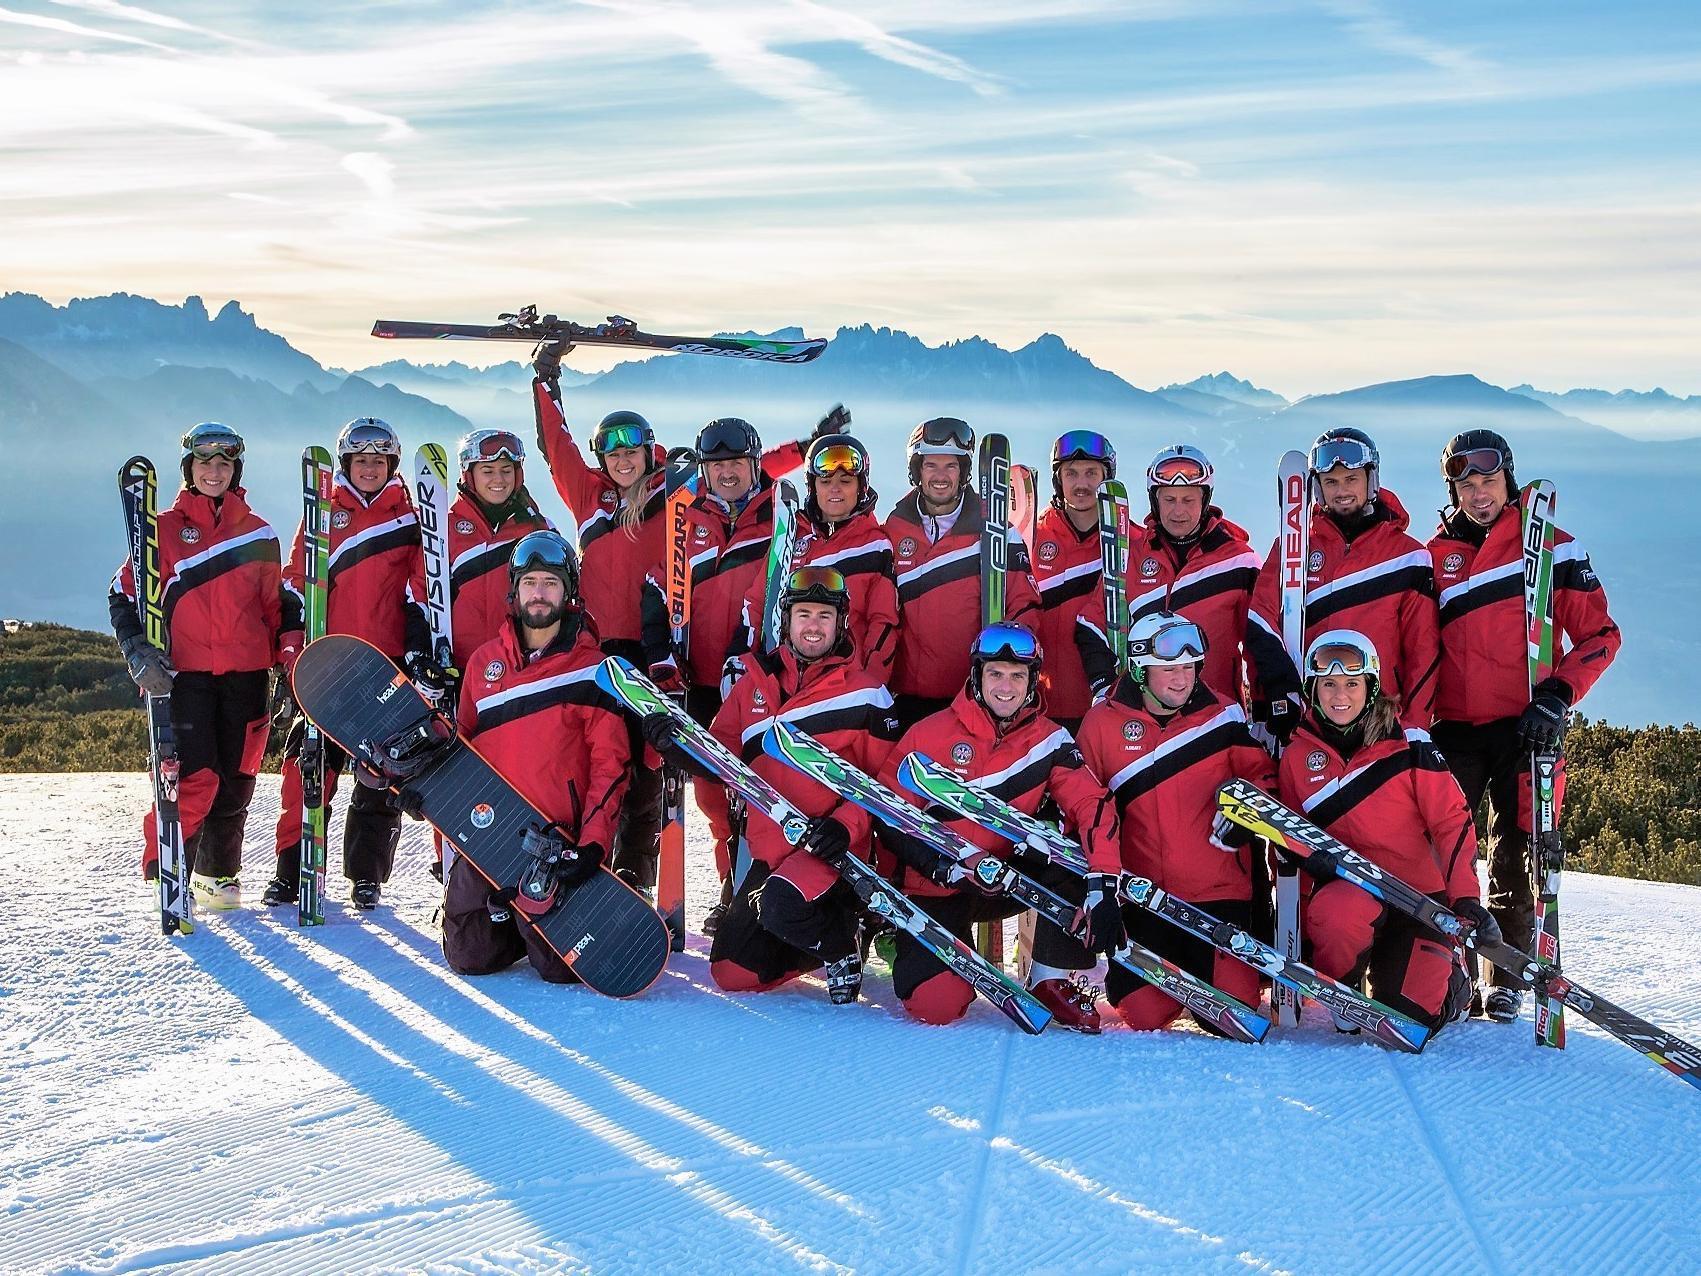 Skischule Rittner Horn